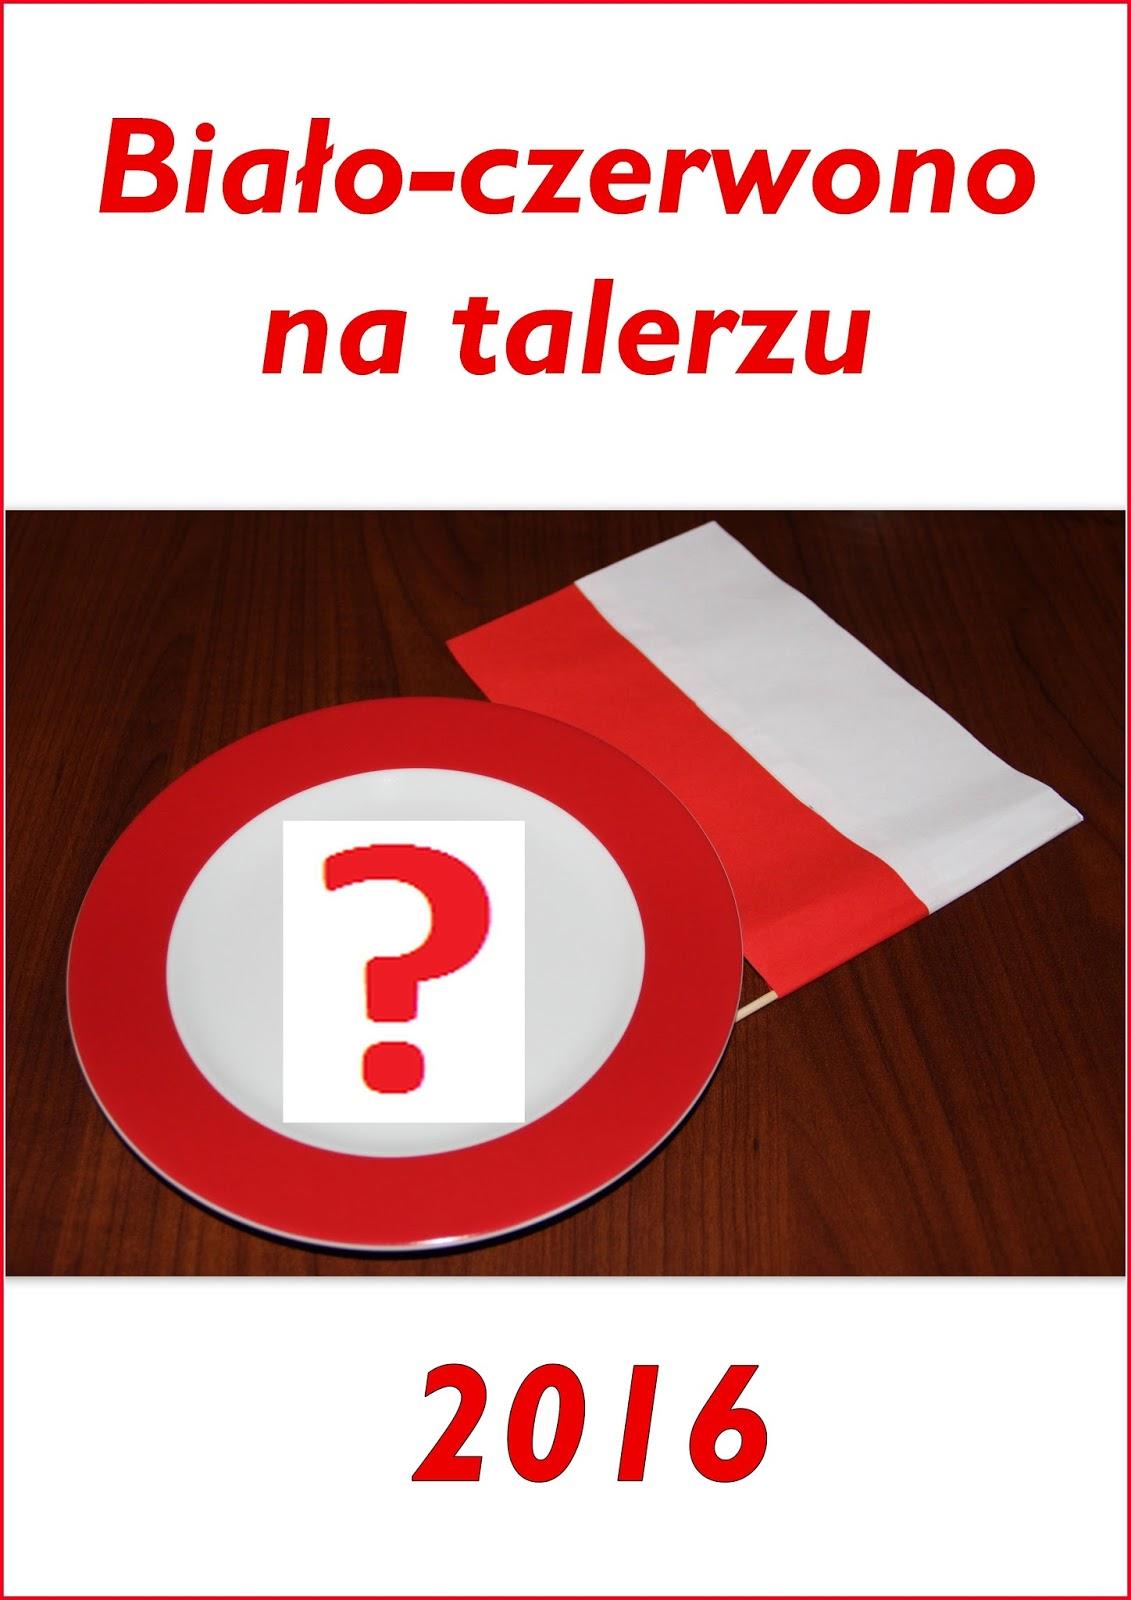 http://weekendywdomuiogrodzie.blogspot.com/2016/04/biao-czerwono-na-talerzu-zaproszenie-do.html